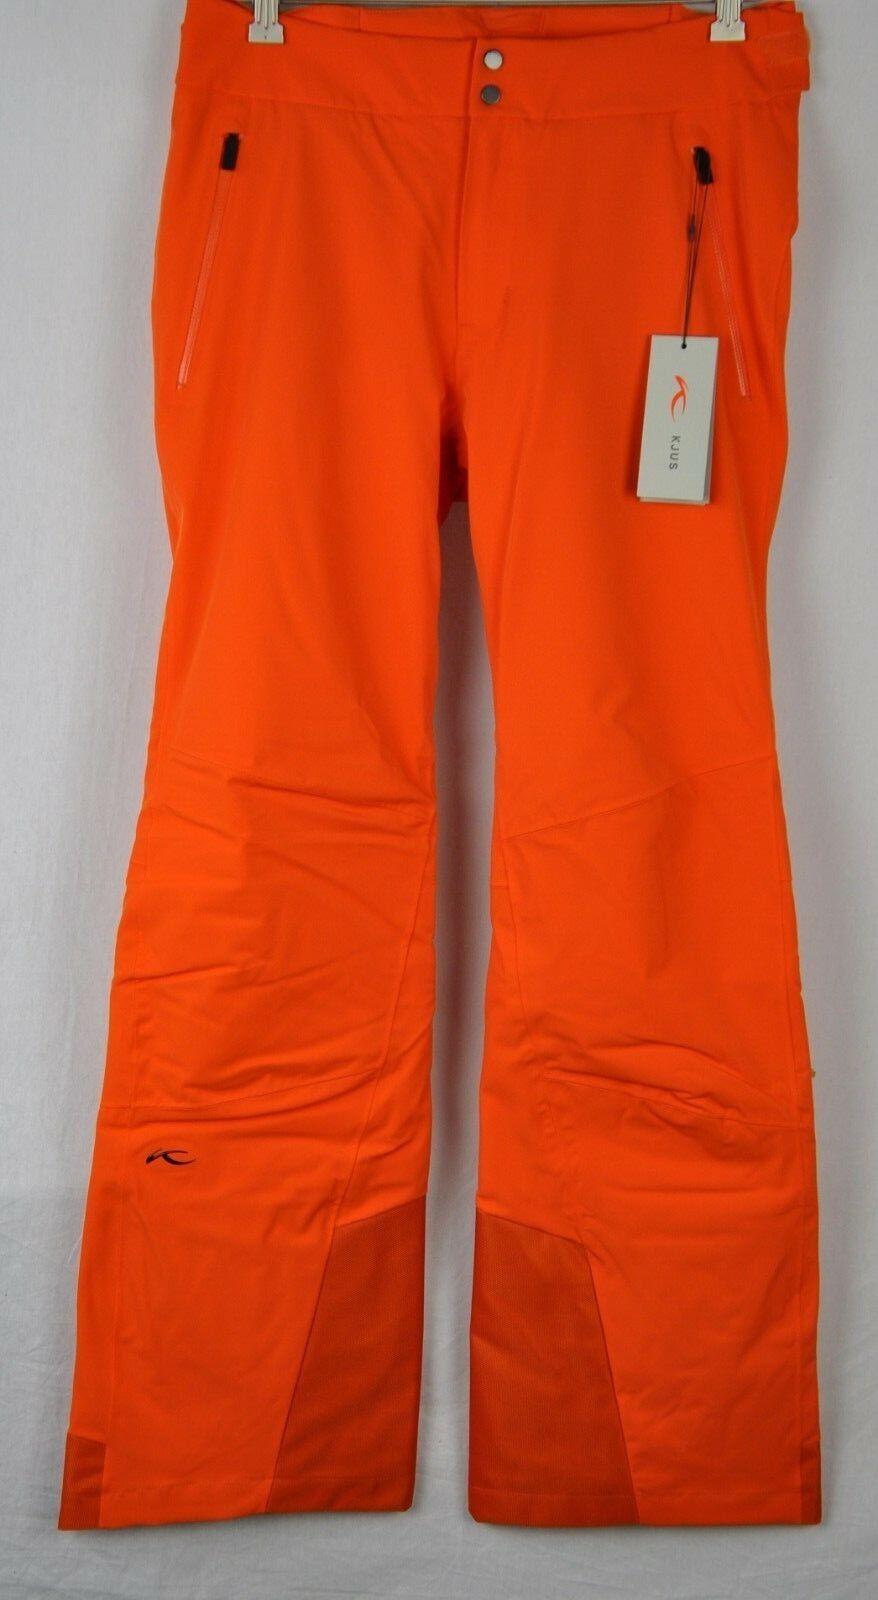 Kjus  Mens Formula Insulated Ski Snow Pants MS20-E03S Kjus orange Size 54 Short  a lot of surprises